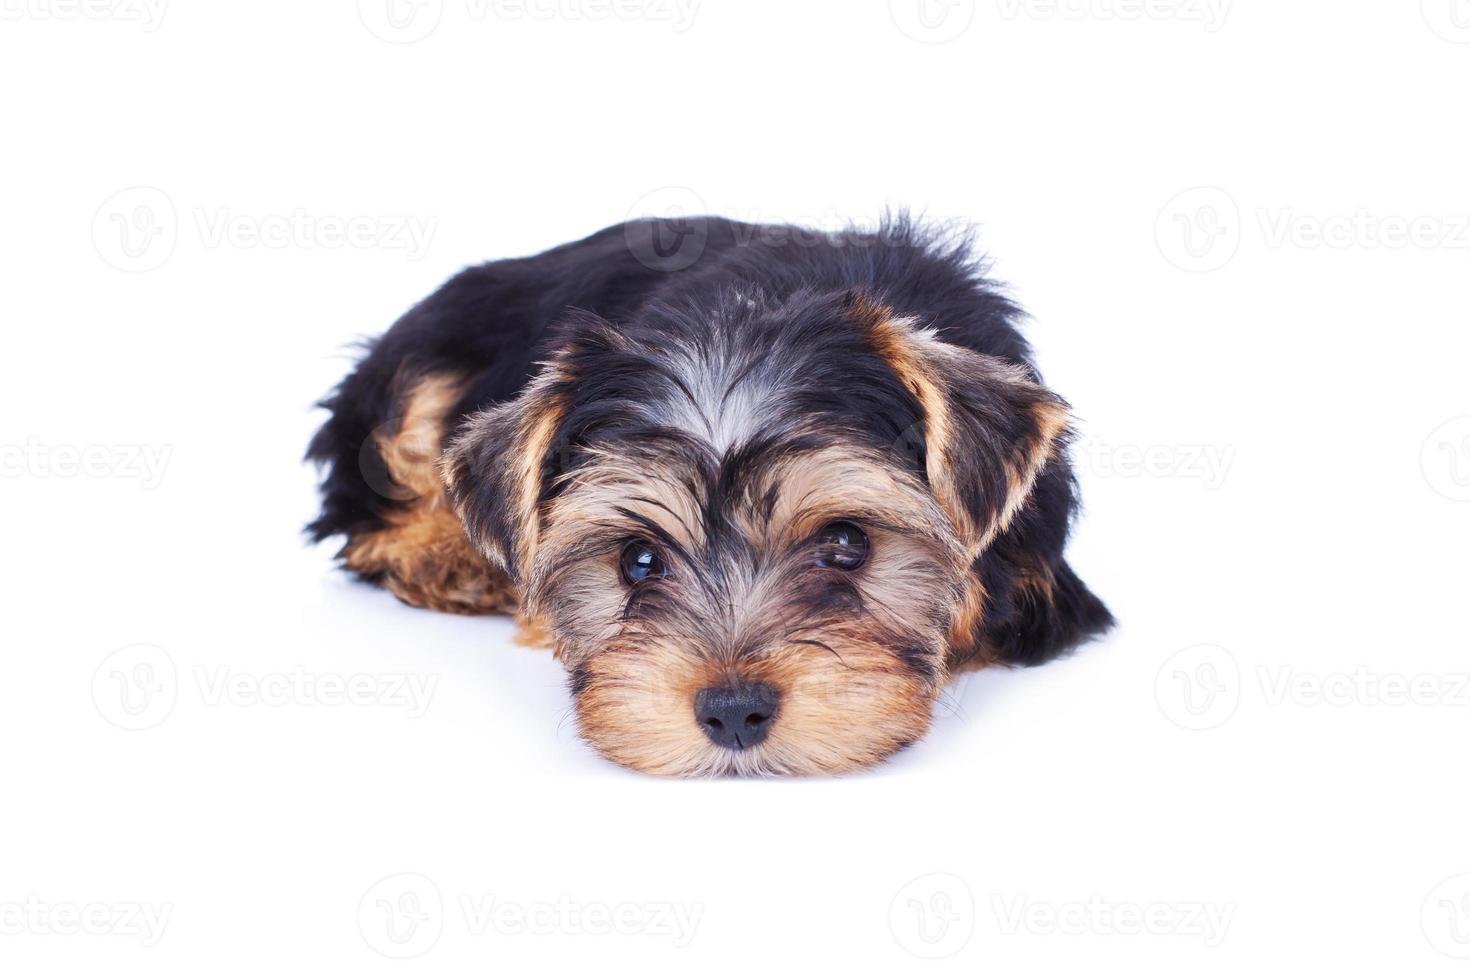 schattig yorkshire puppy ontspannen foto